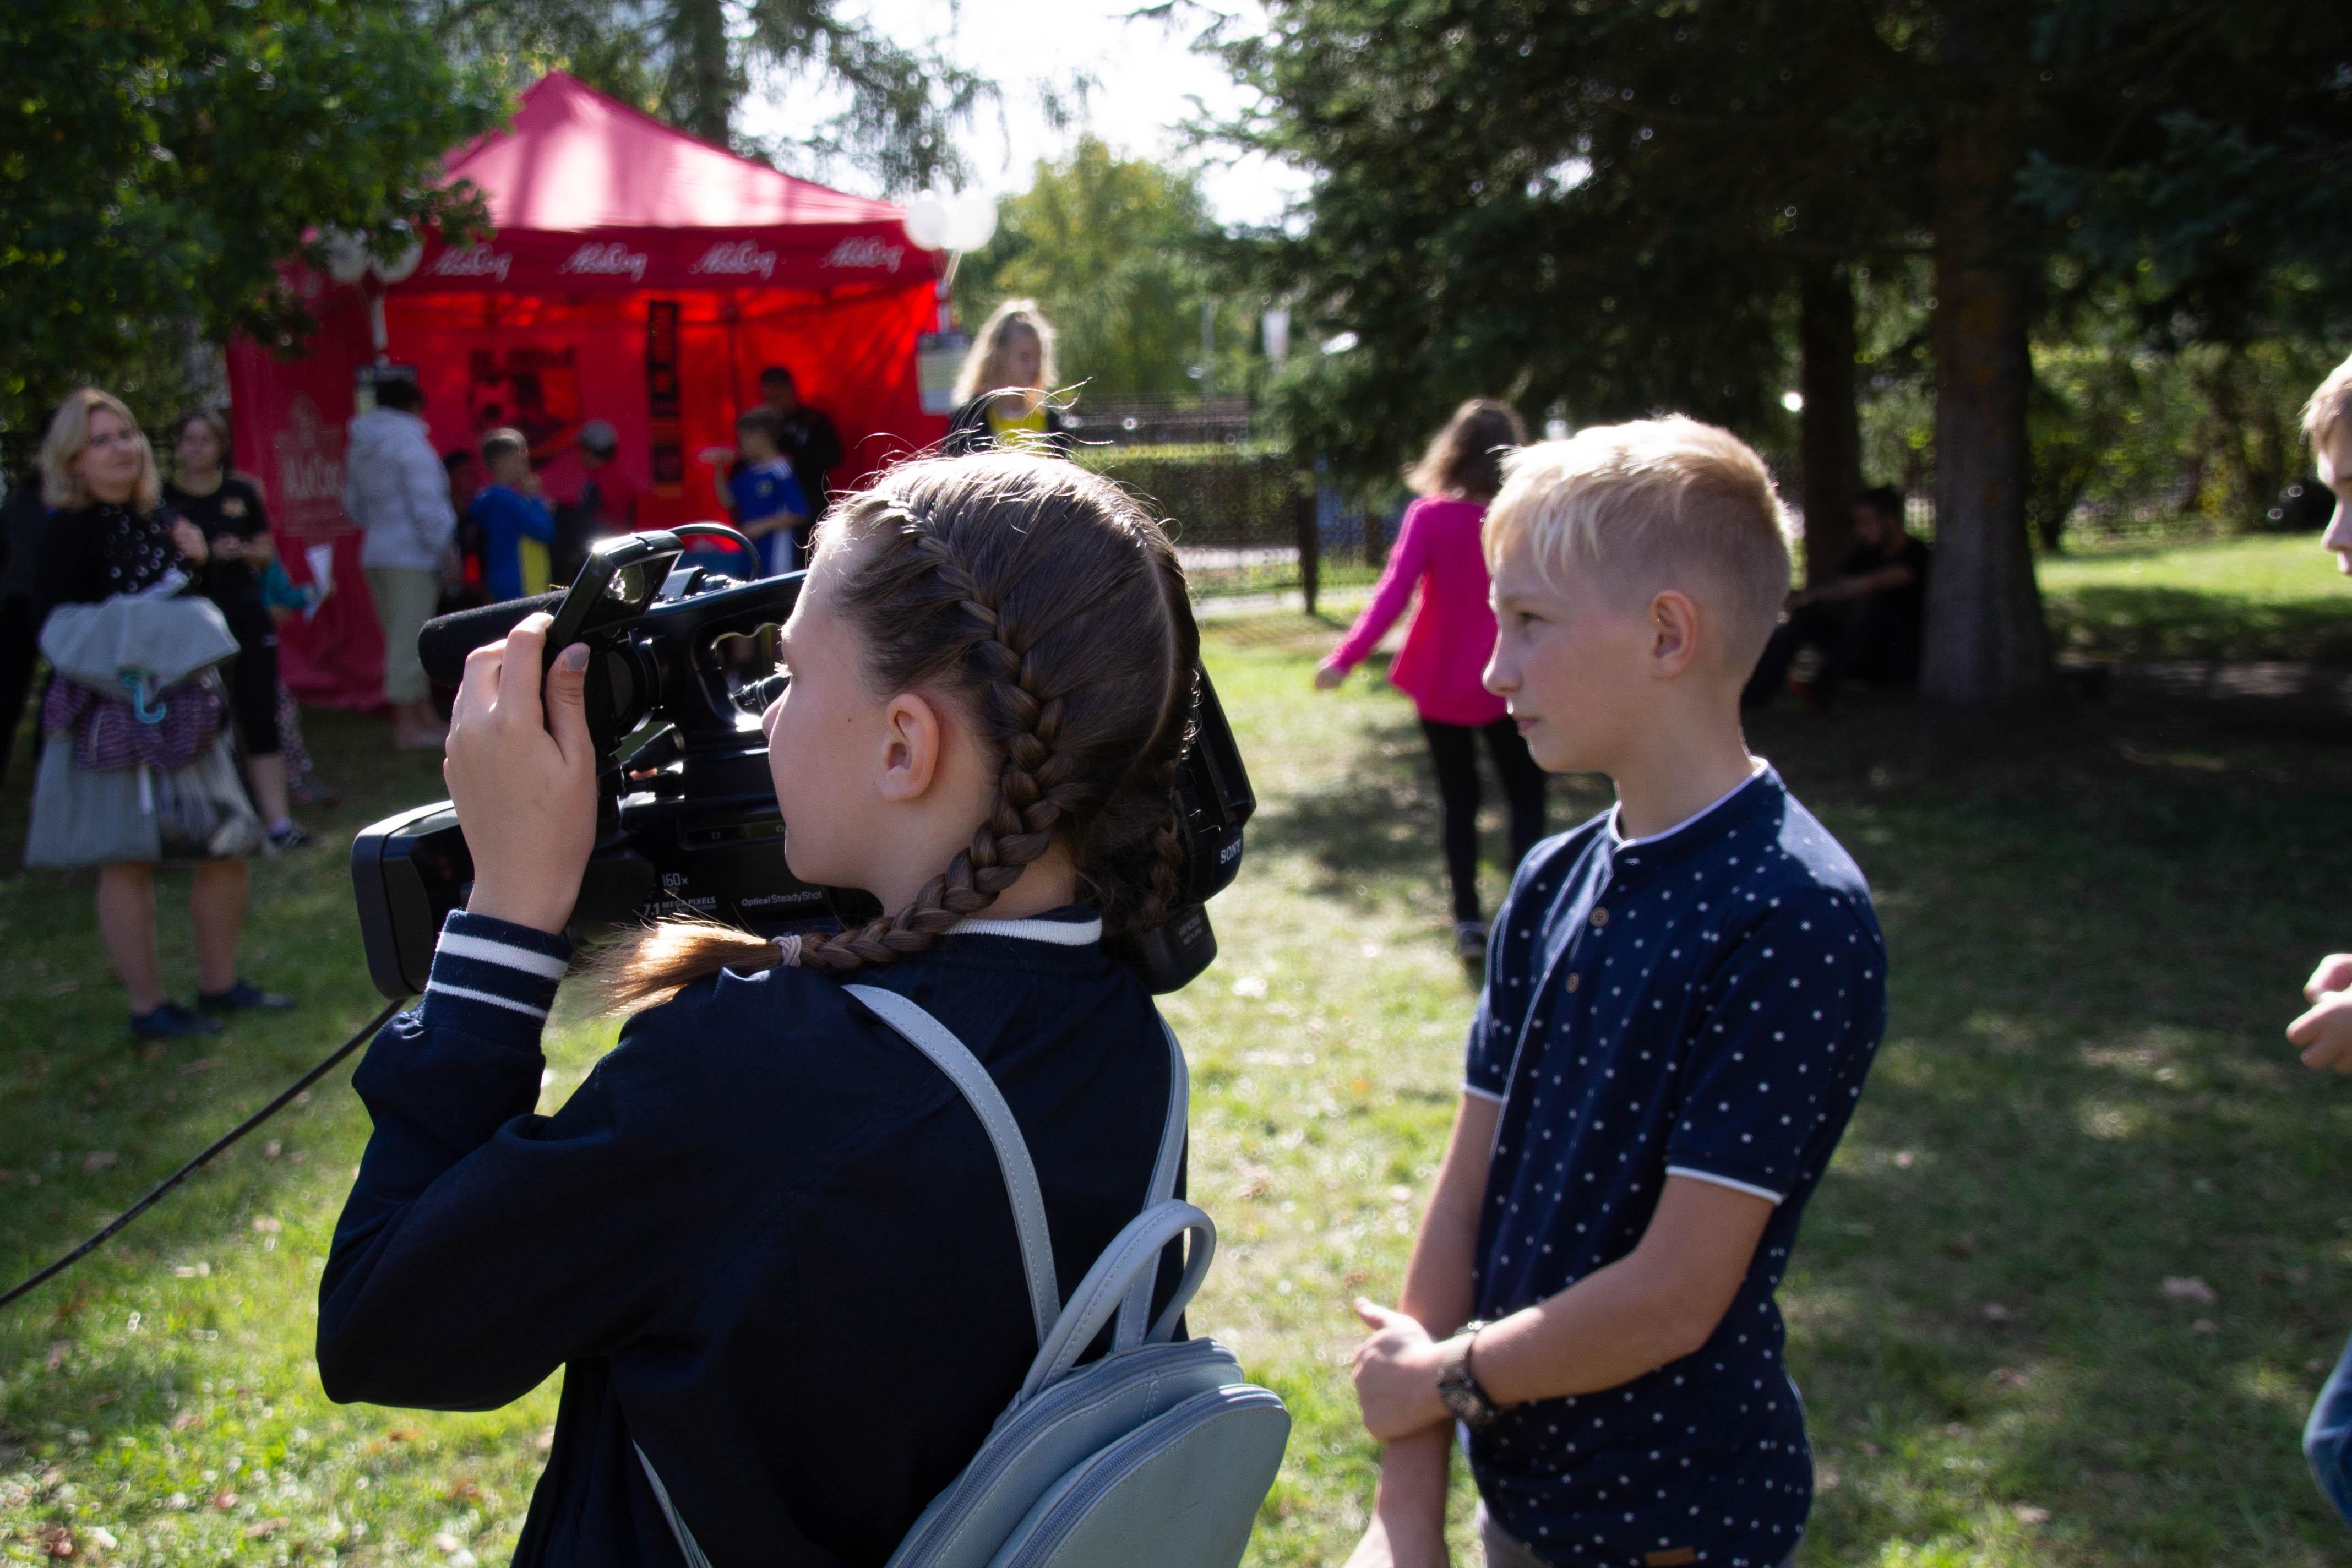 Репортаж с Молодёжного фестиваля от SDparty.net и студии «Первый кадр»